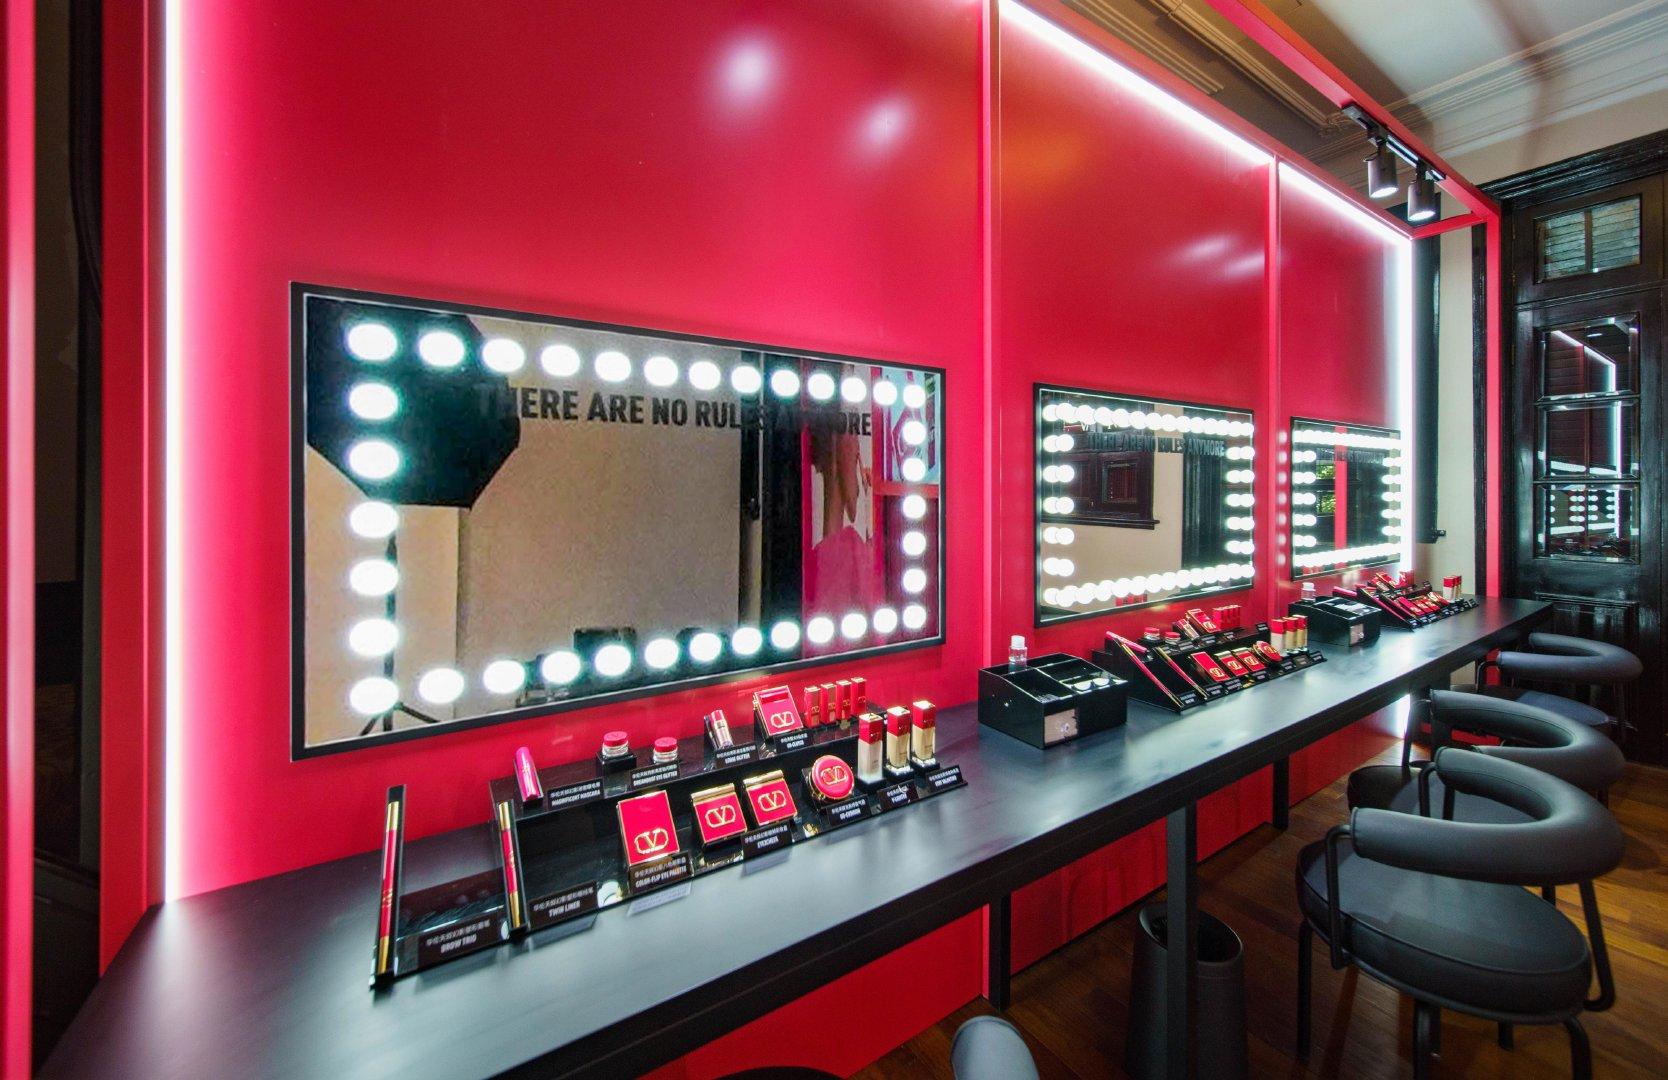 7月15日,华伦天奴美妆品牌天猫旗舰店在上海新天地壹号揭幕